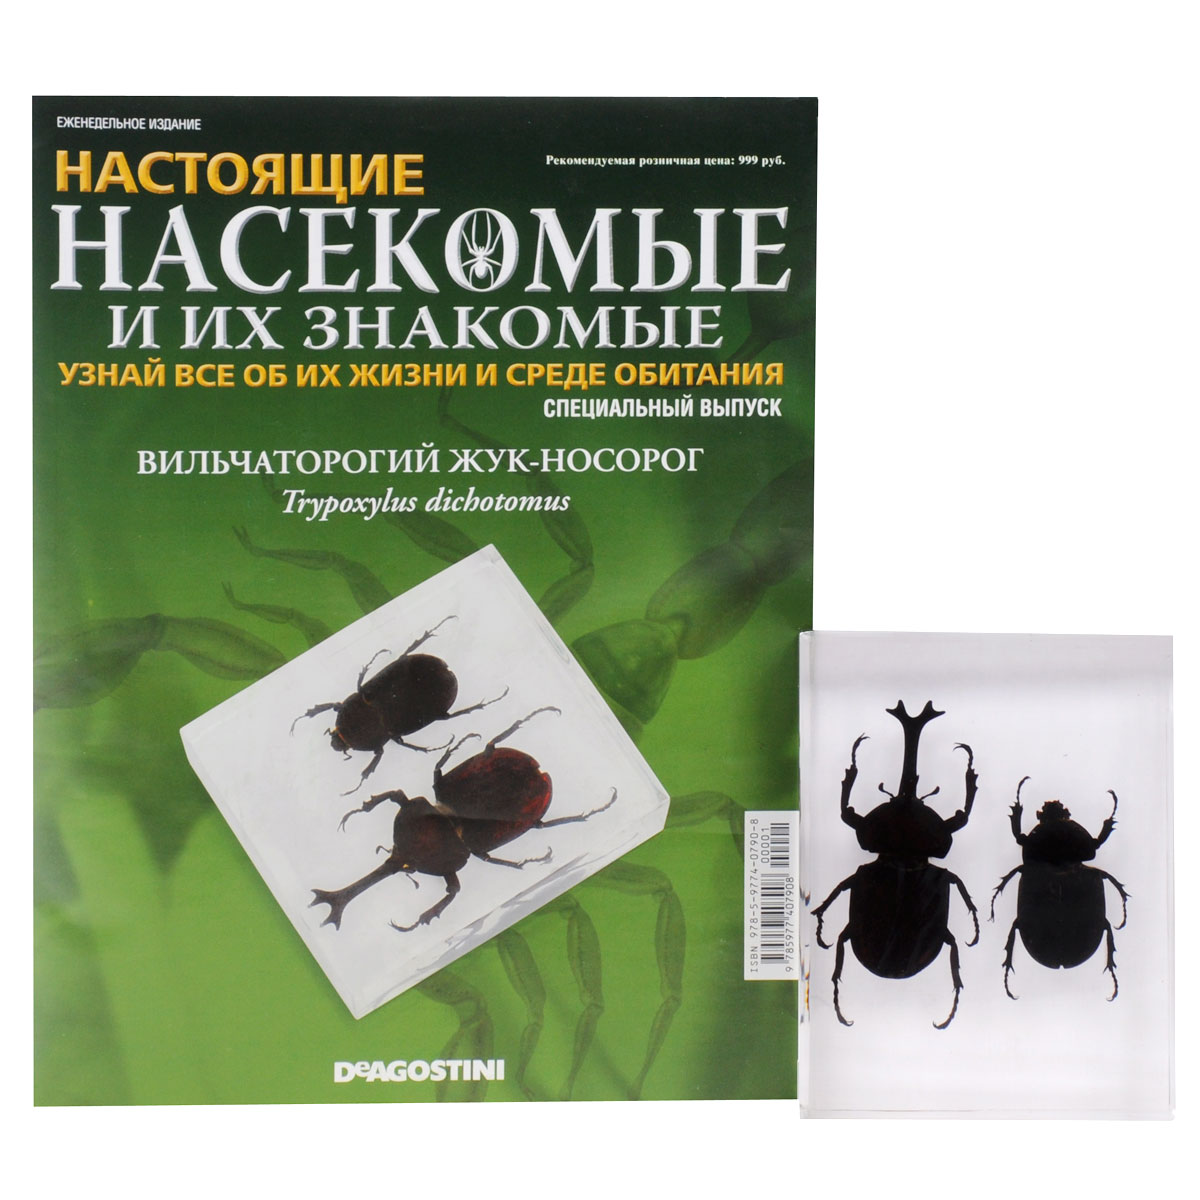 Журнал Насекомые и их знакомые. Специальный выпуск №1 журнал насекомые и их знакомые 57